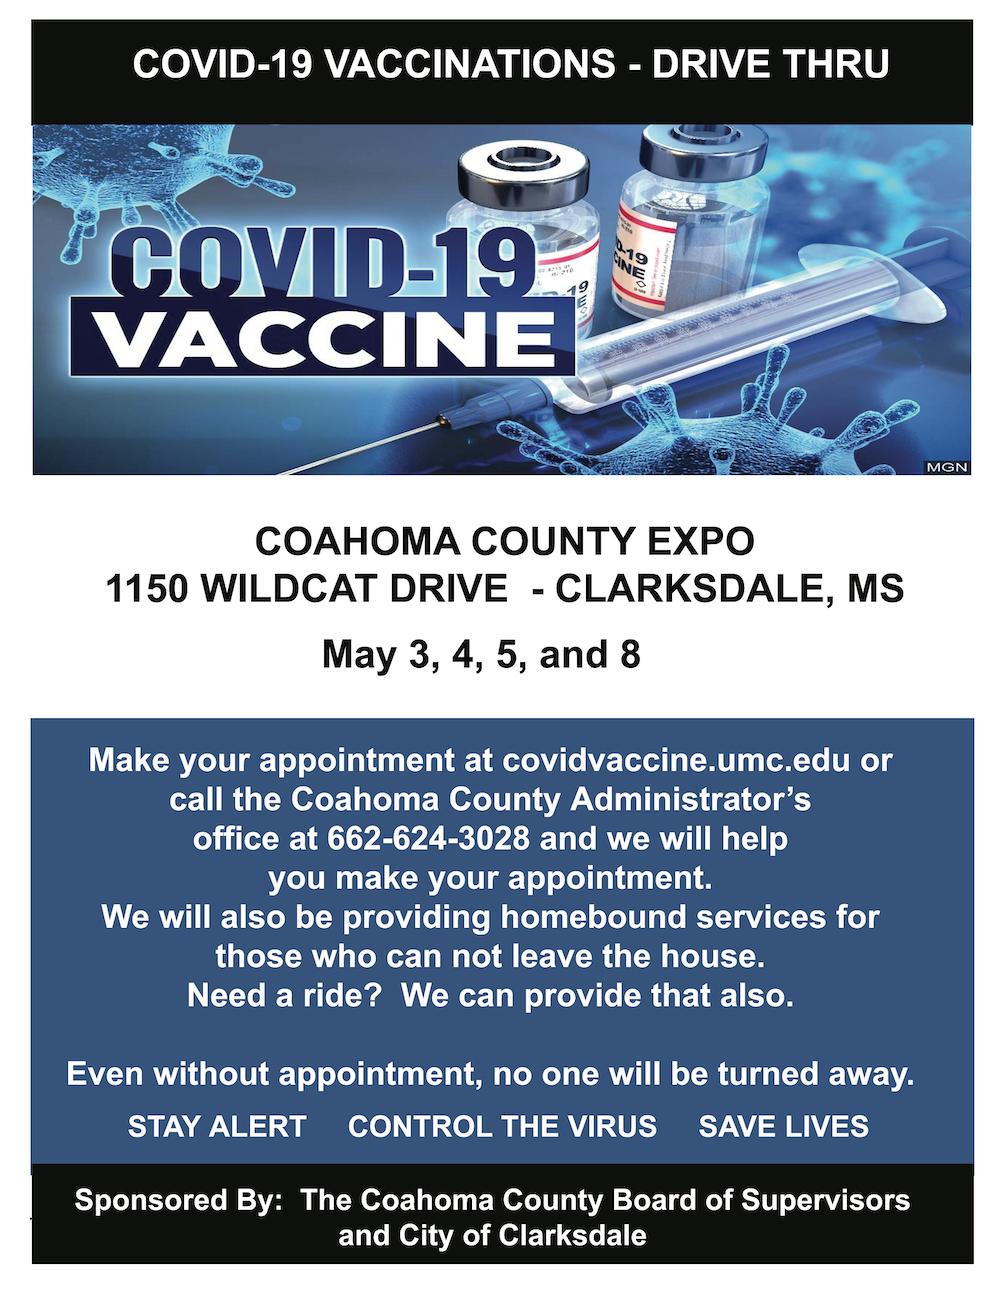 COVID-19 Drive Thru Vaccine